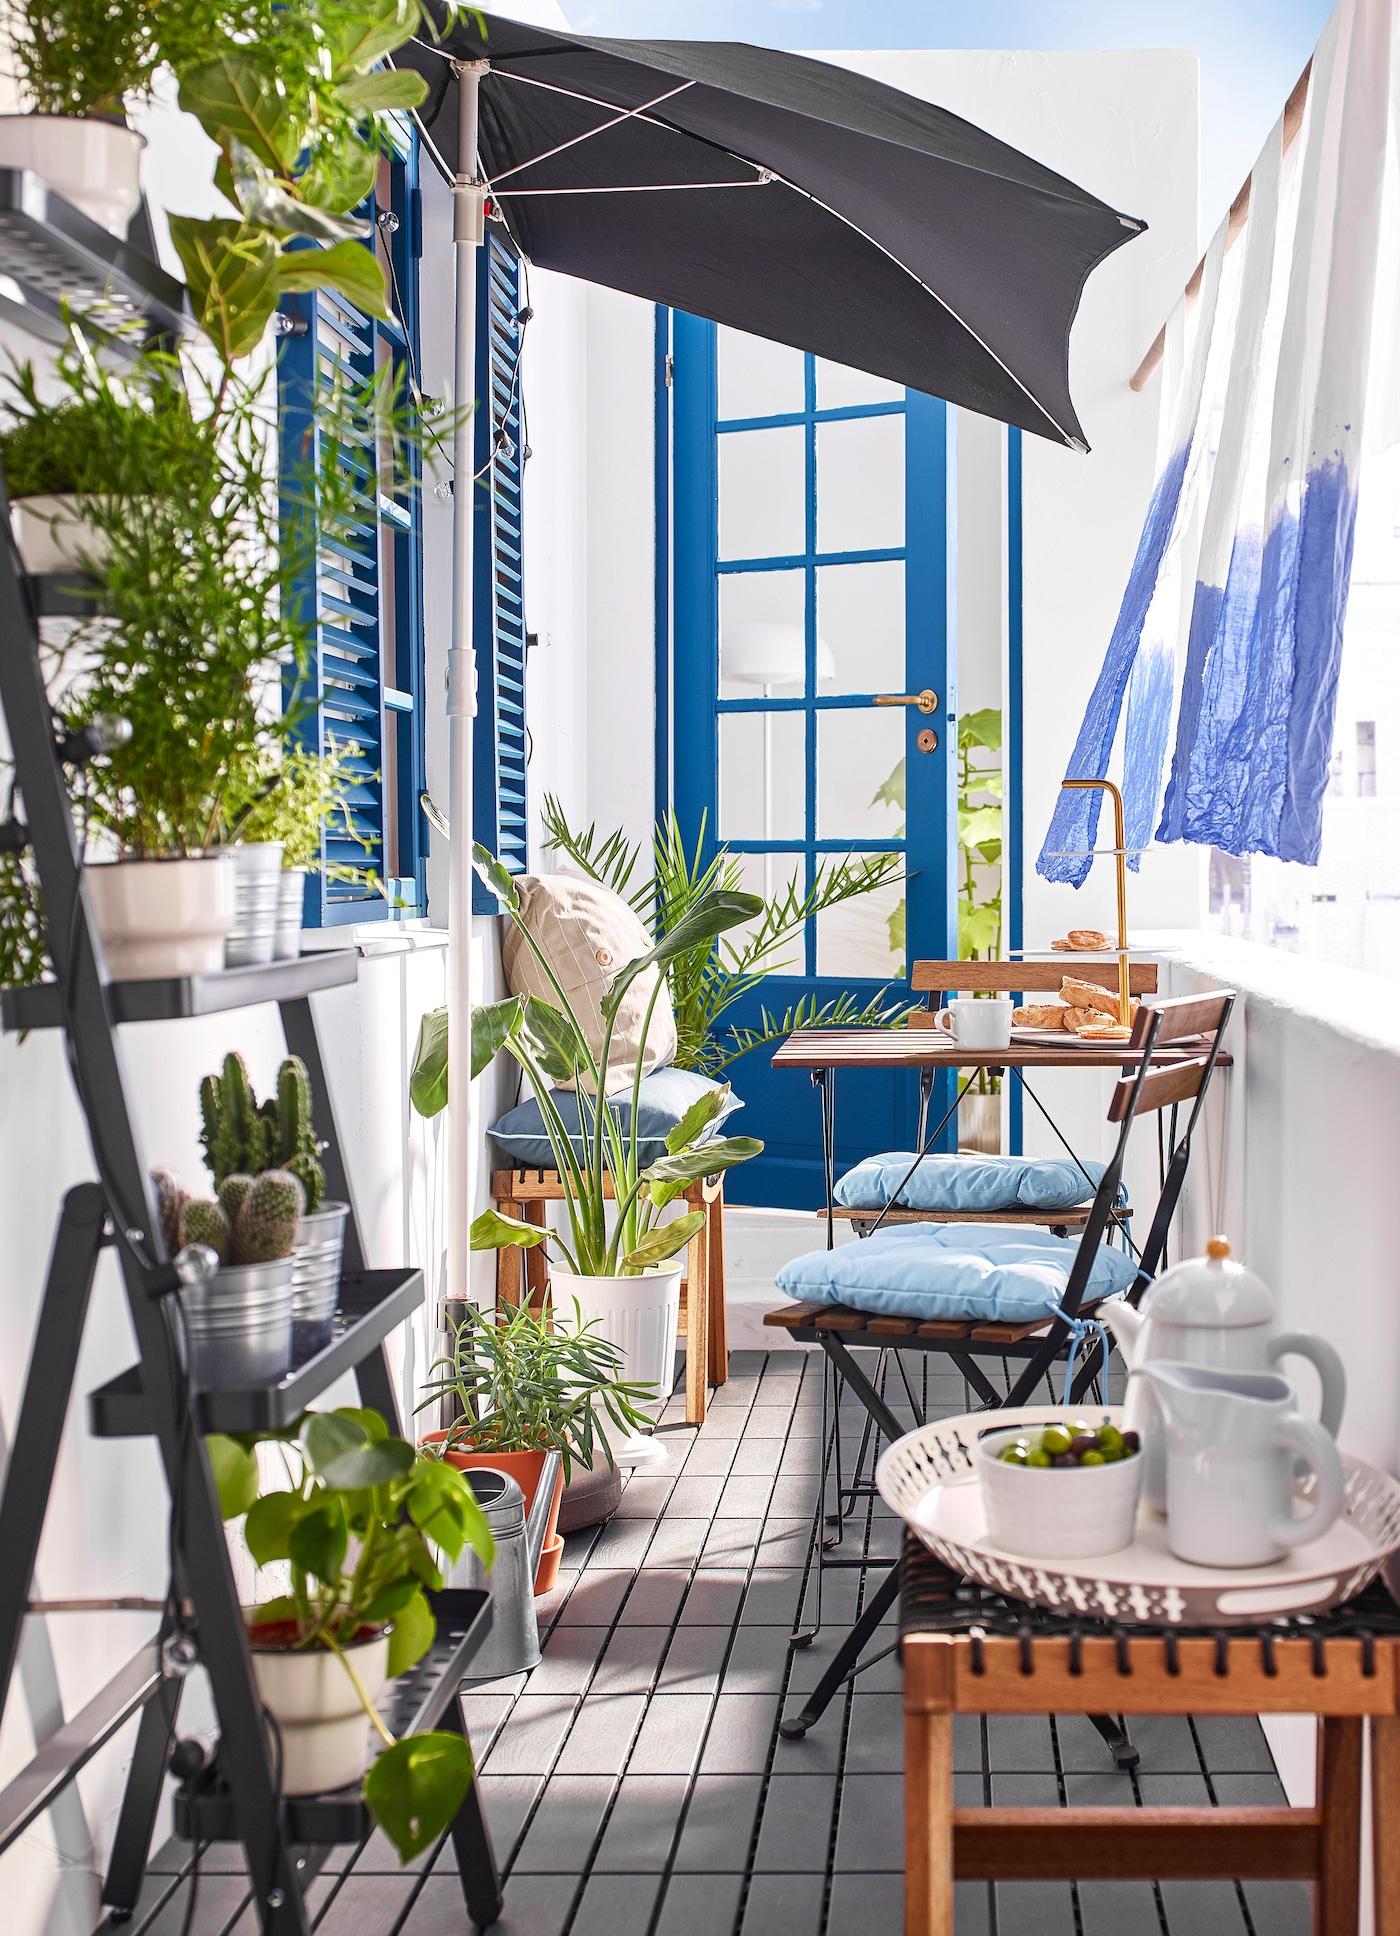 Les chaises et la table IKEA TÄRNO teintées brun sont l'ensemble d'extérieur idéal pour les terrasses de café, les petits balcons et les terrasses.